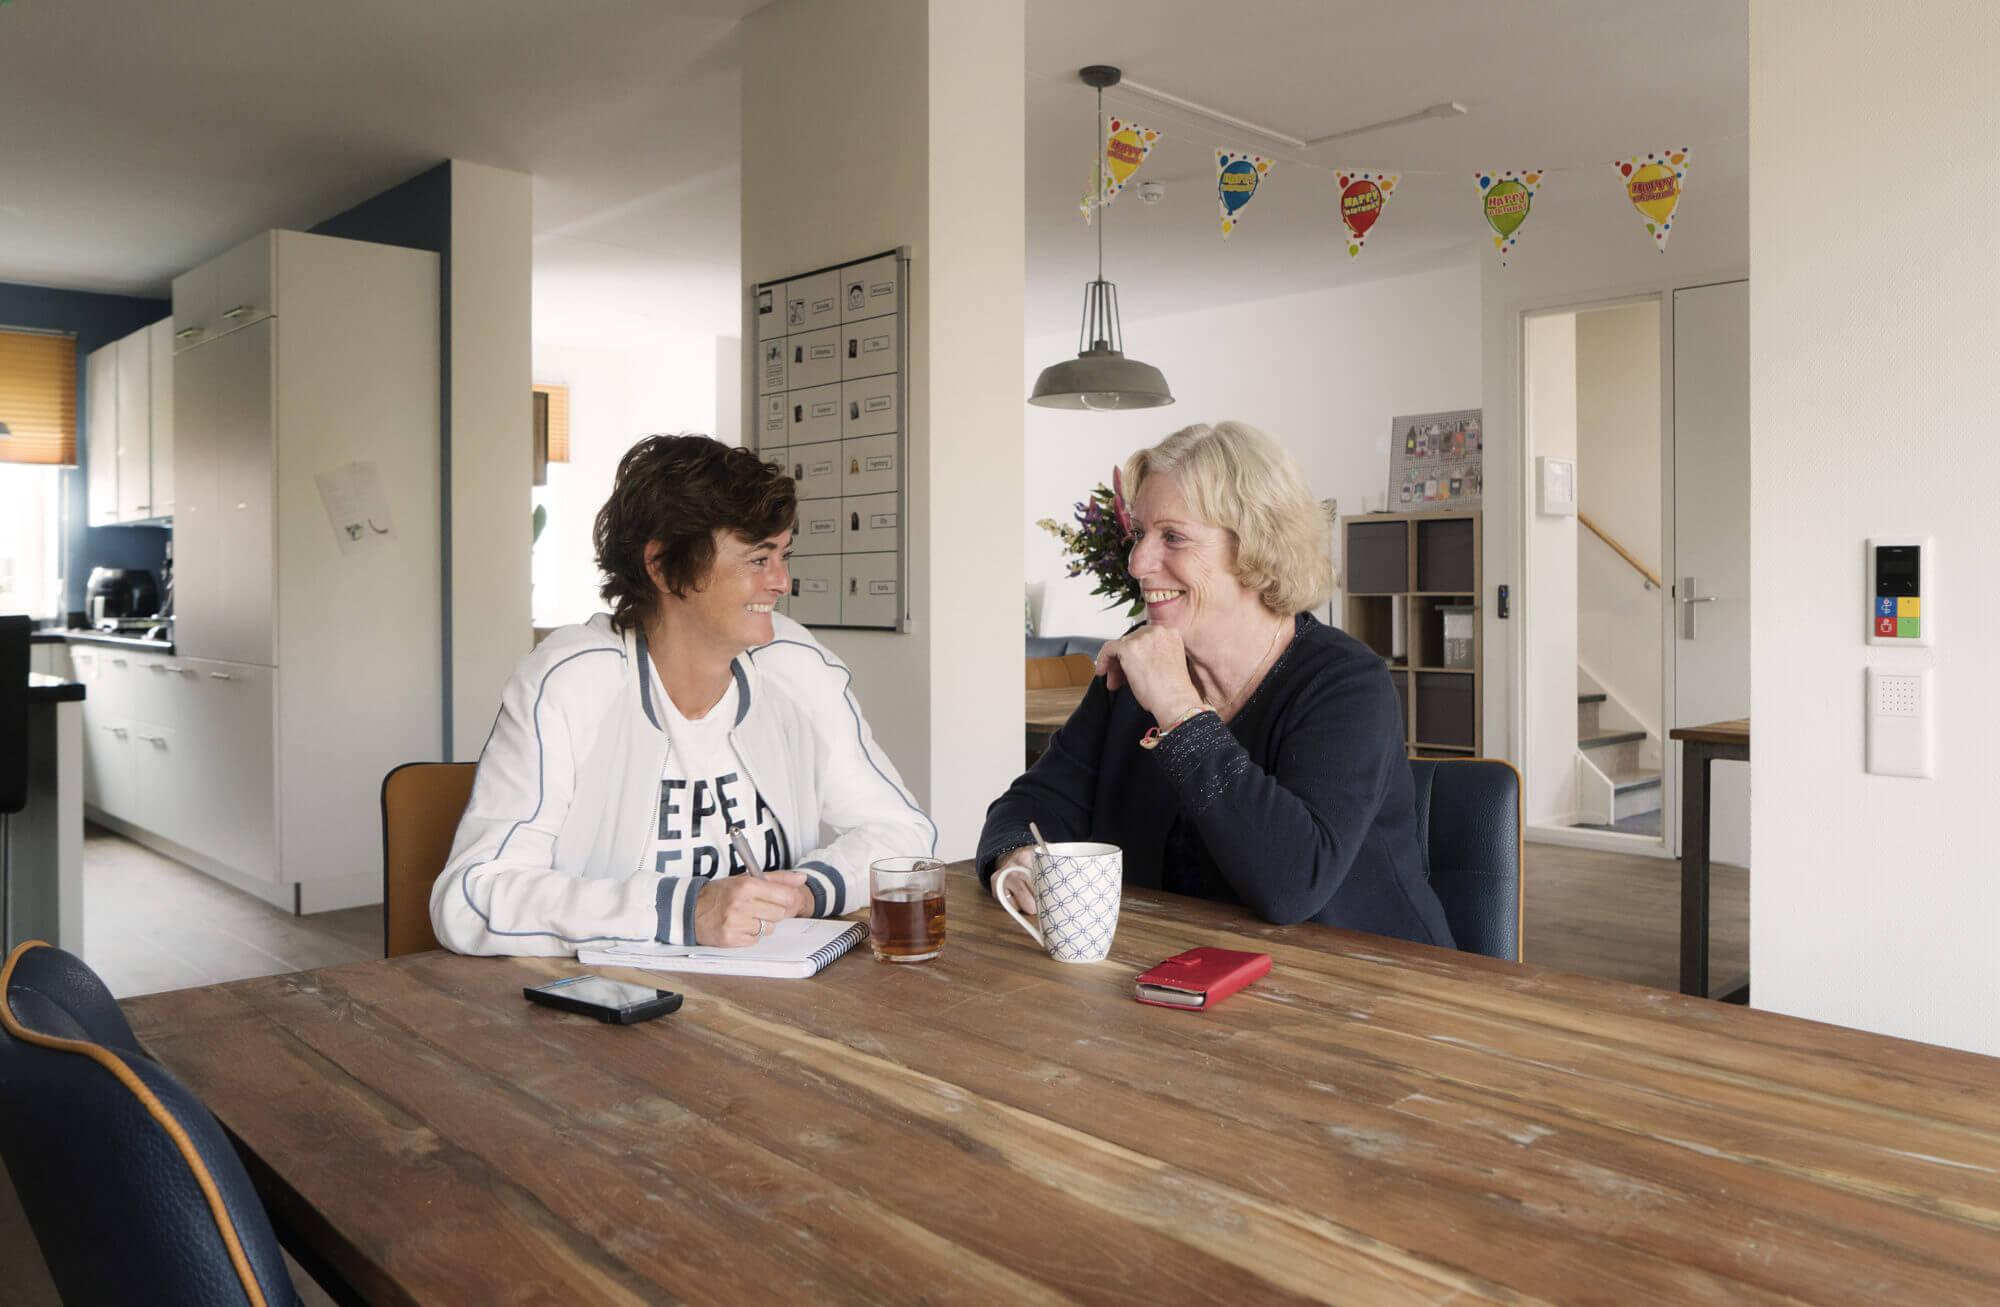 Karin Verbaarschot en Maria Vermeeren in de gemeenschappelijke woonkamer en Keuken bij Stichting Anderdak